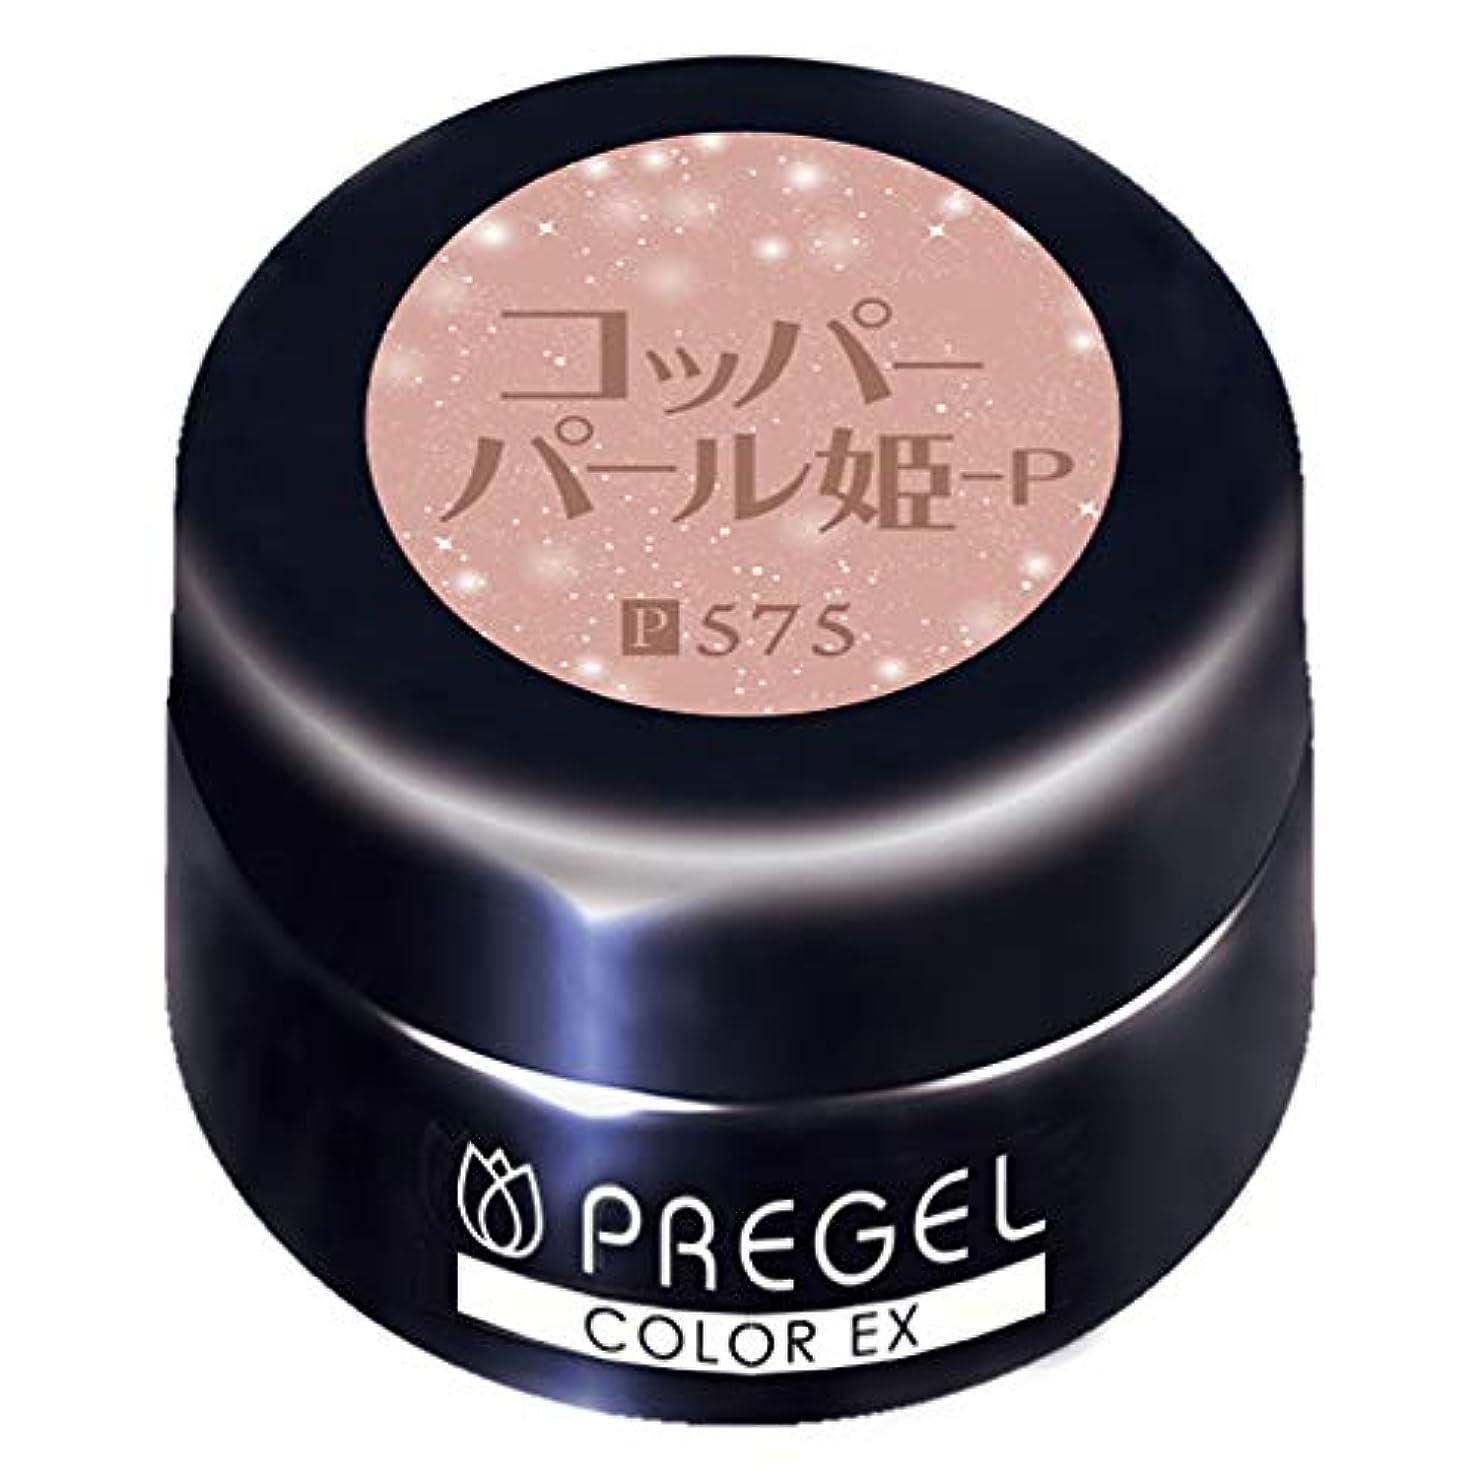 それピービッシュ二次PRE GEL(プリジェル) PRE GEL カラージェル カラーEX コッパーパール姫-P 3g PG-CE575 UV/LED対応 ジェルネイル